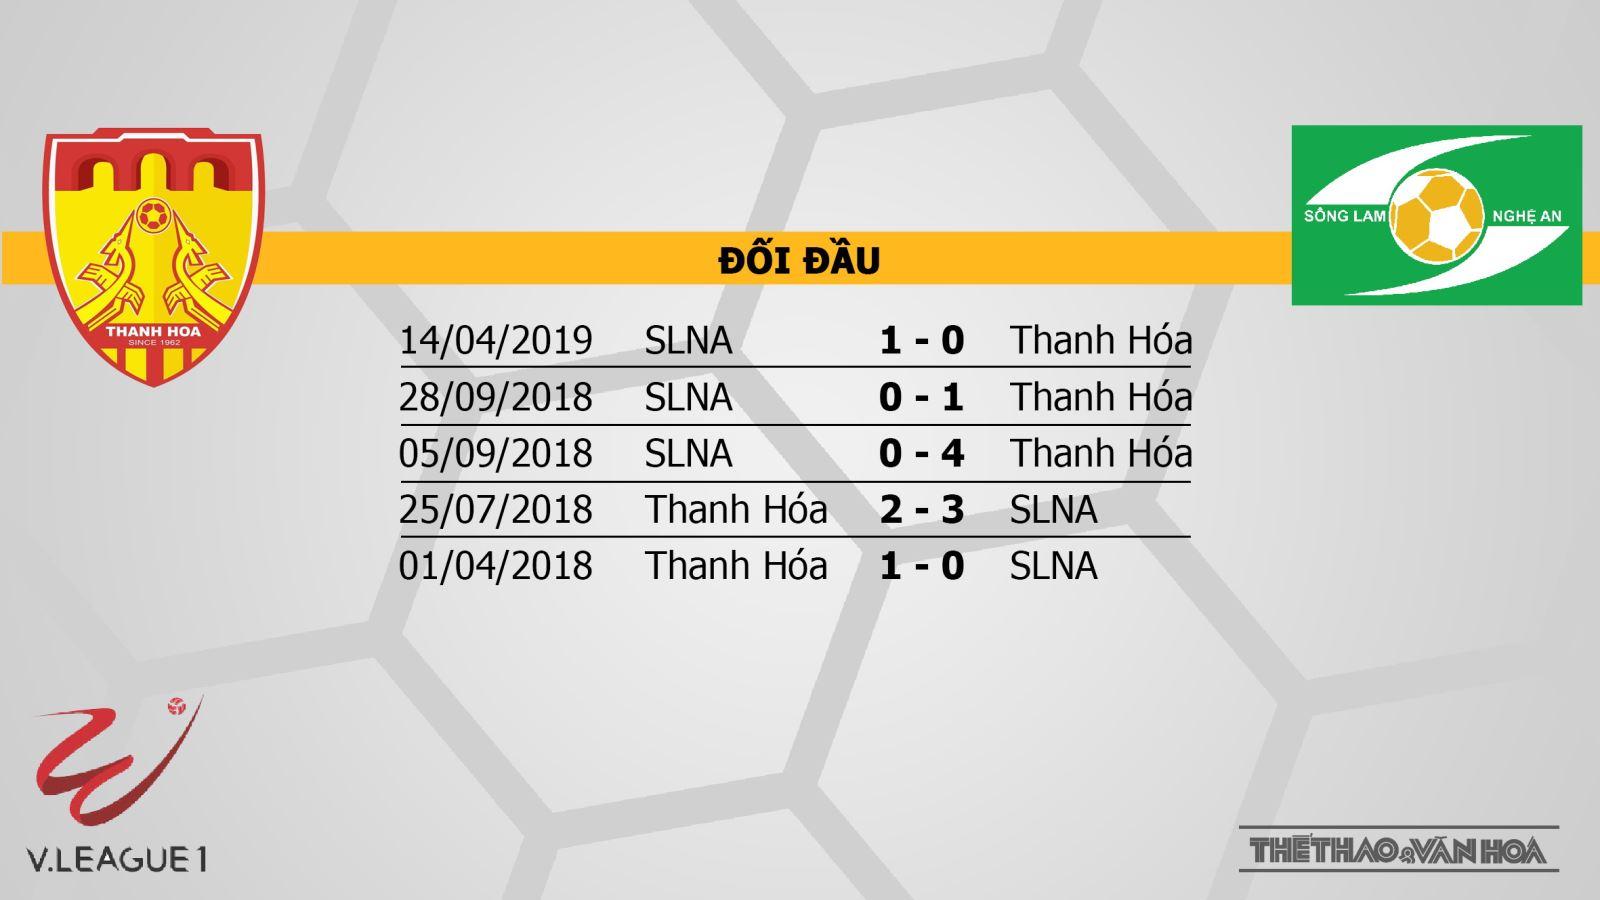 VTV6, truc tiep VTV6,Thanh Hóa vs SLNA, truc tiep Thanh Hóa vs SLNA, trực tiếp bóng đá, Thanh Hóa vs SLNA, VTV6, trực tiếp VTV6, Thanh Hóa vs SLNA, truc tiep bong da, truc tiep bong da hôm nay